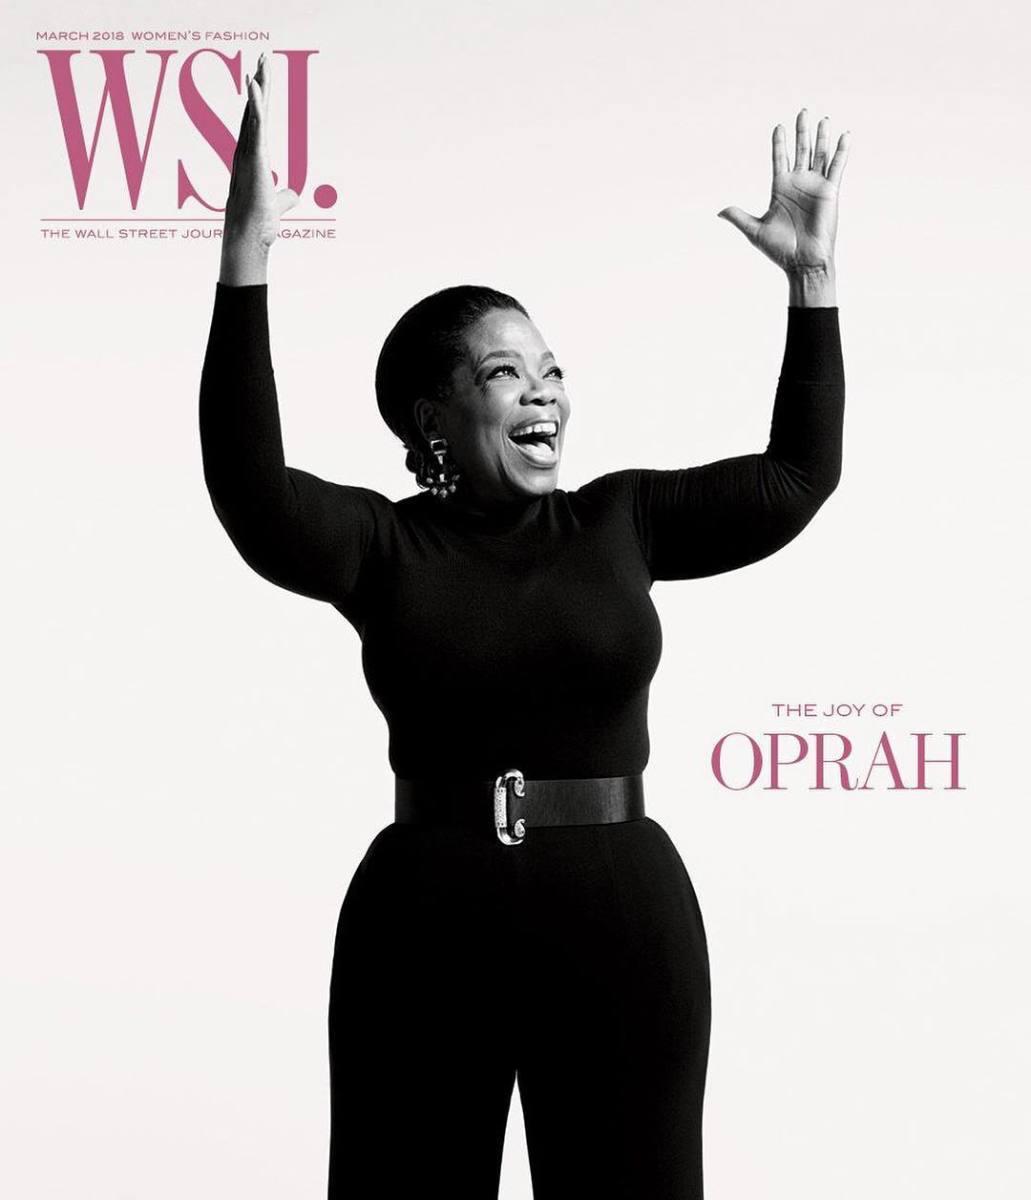 """Oprah Winfrey on """"WSJ Magazine""""'s March Fashion issue. Photo: @wsjmag/Instagram"""